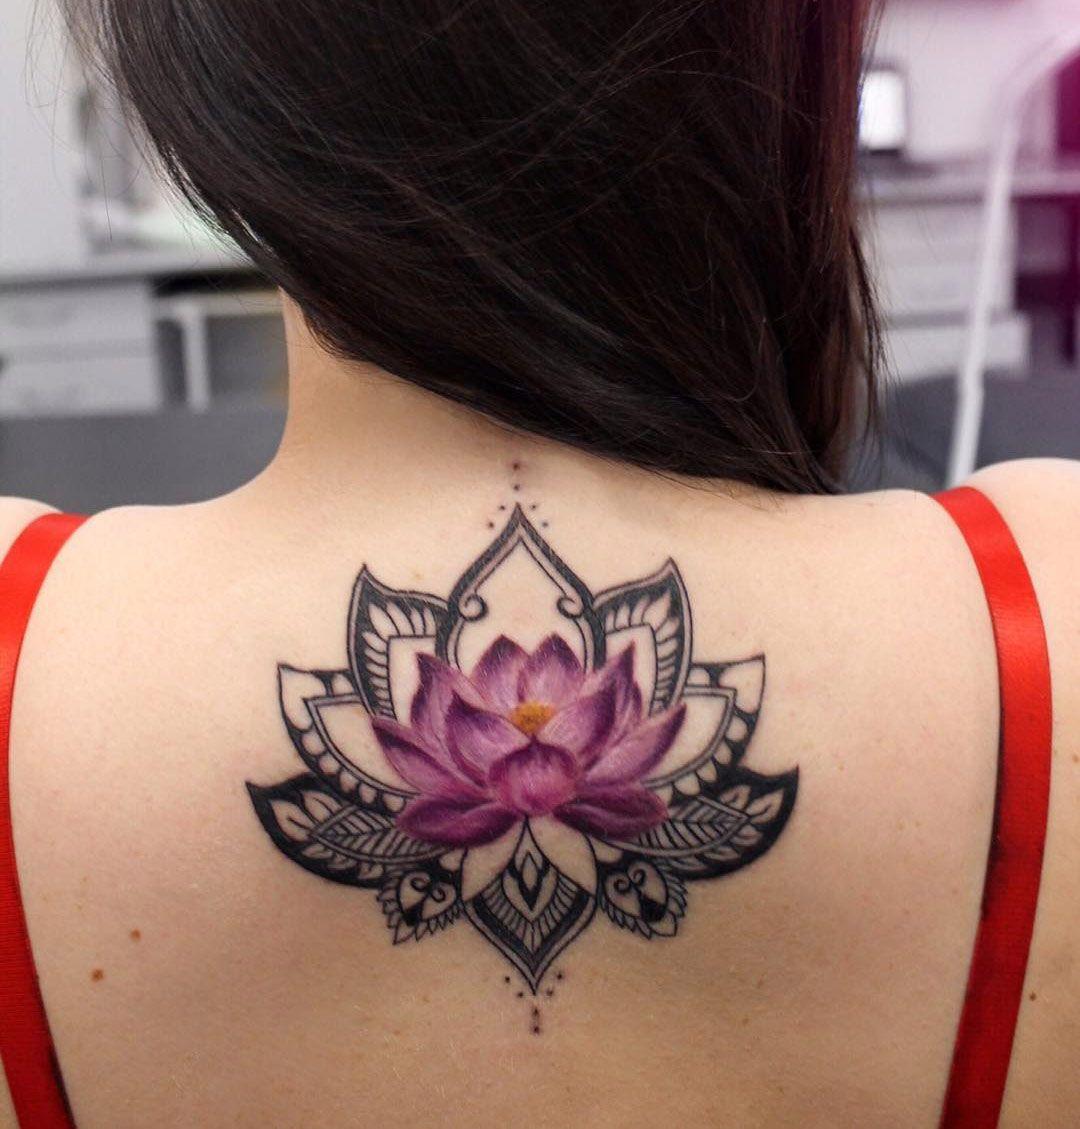 2017 06 lotus flower tattoo - Color Lotus Flower Black Mandala